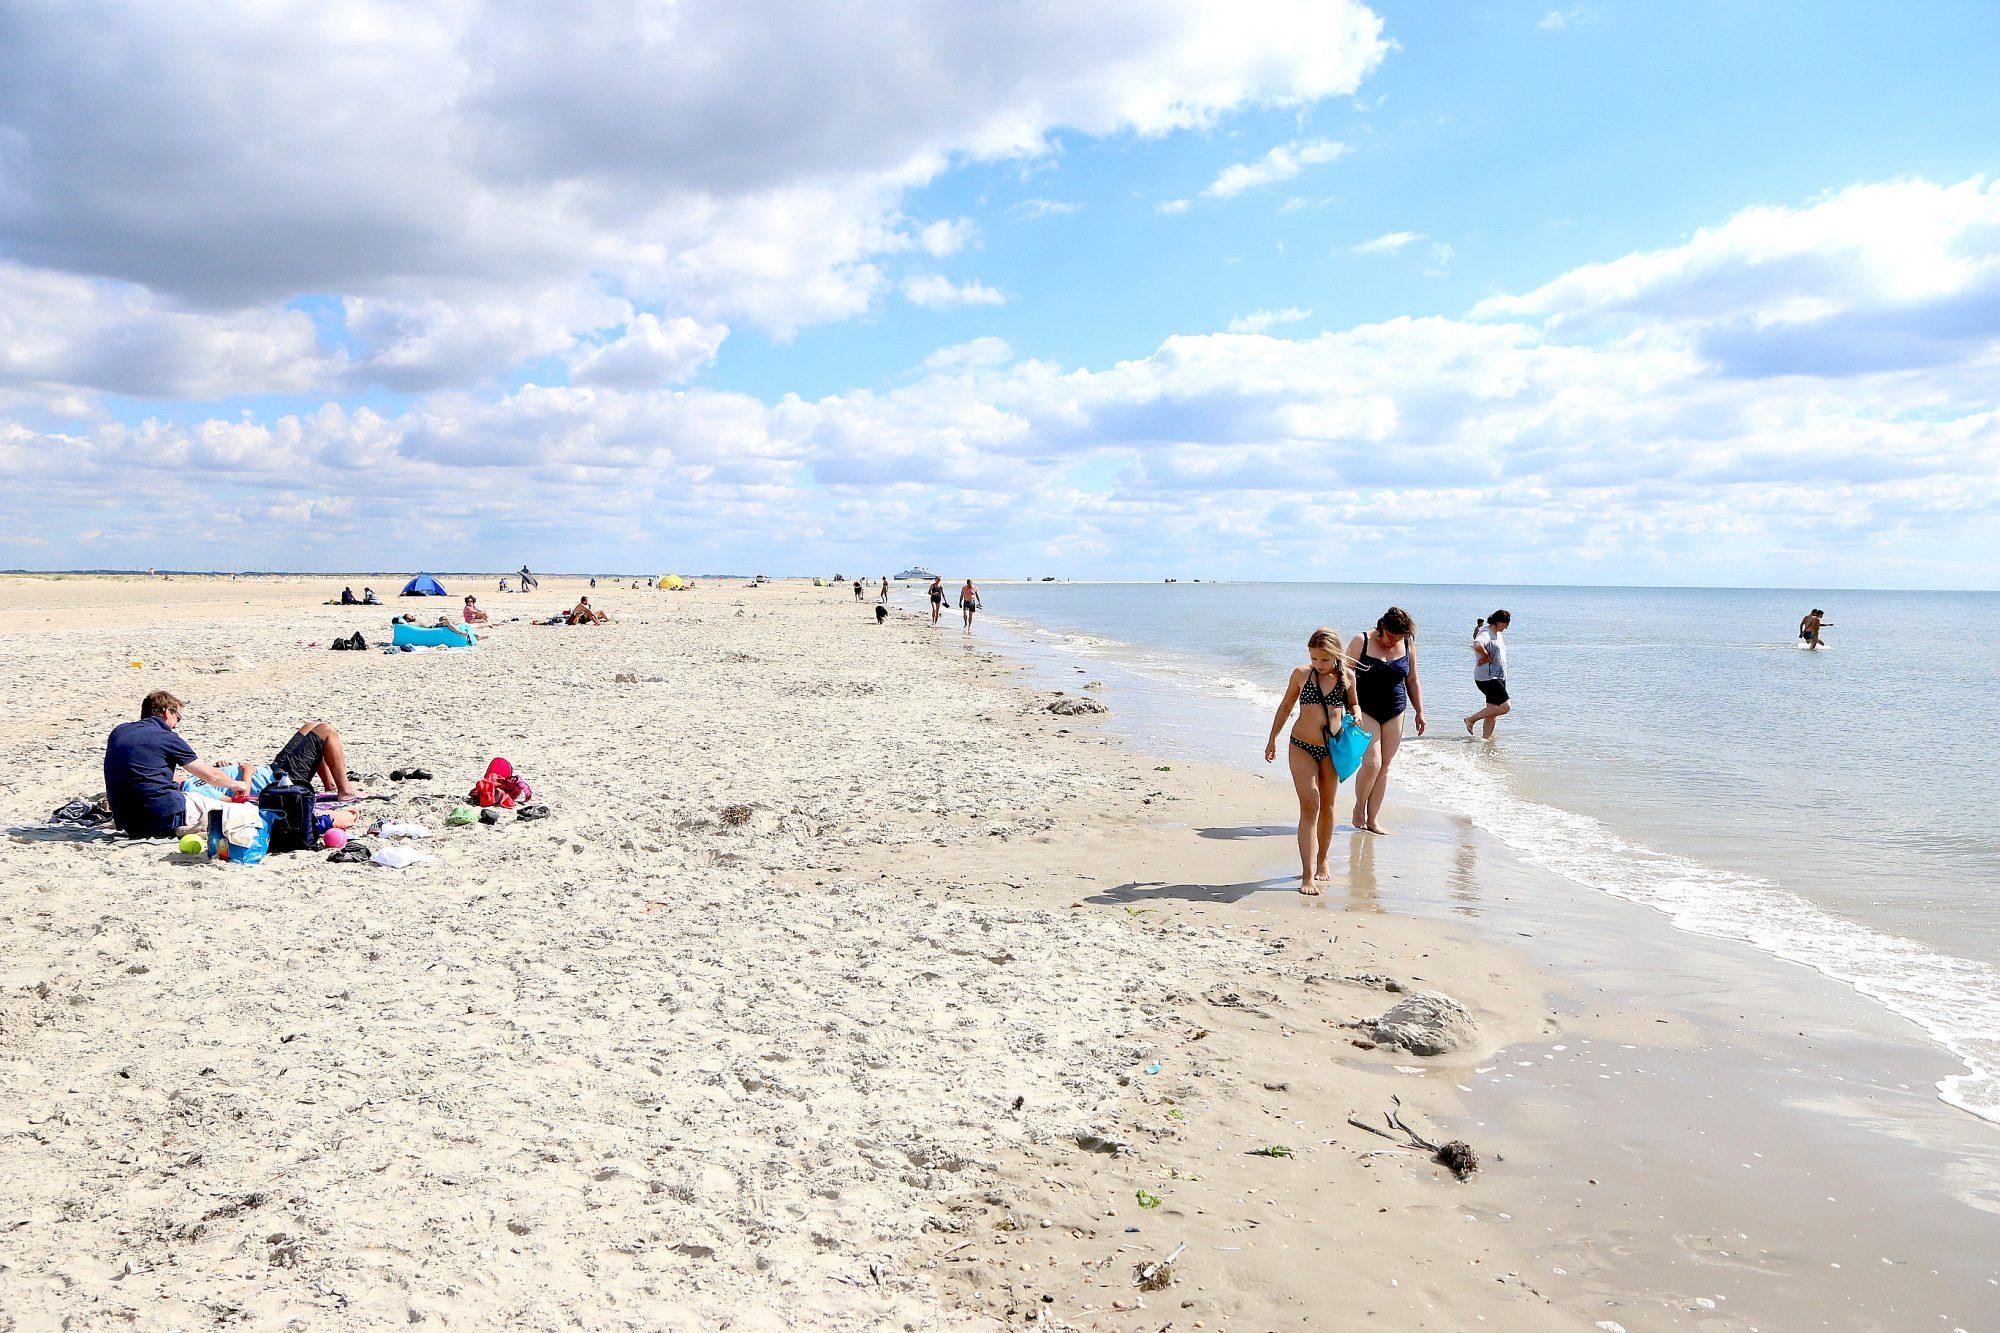 Plass nok til alle: Liker du dårlig sild-i-tønne-varianten når du er på stranda, er Rømø utvilsomt steder for deg. Foto: Flemming Hofmann Tveitan/Fjord Line